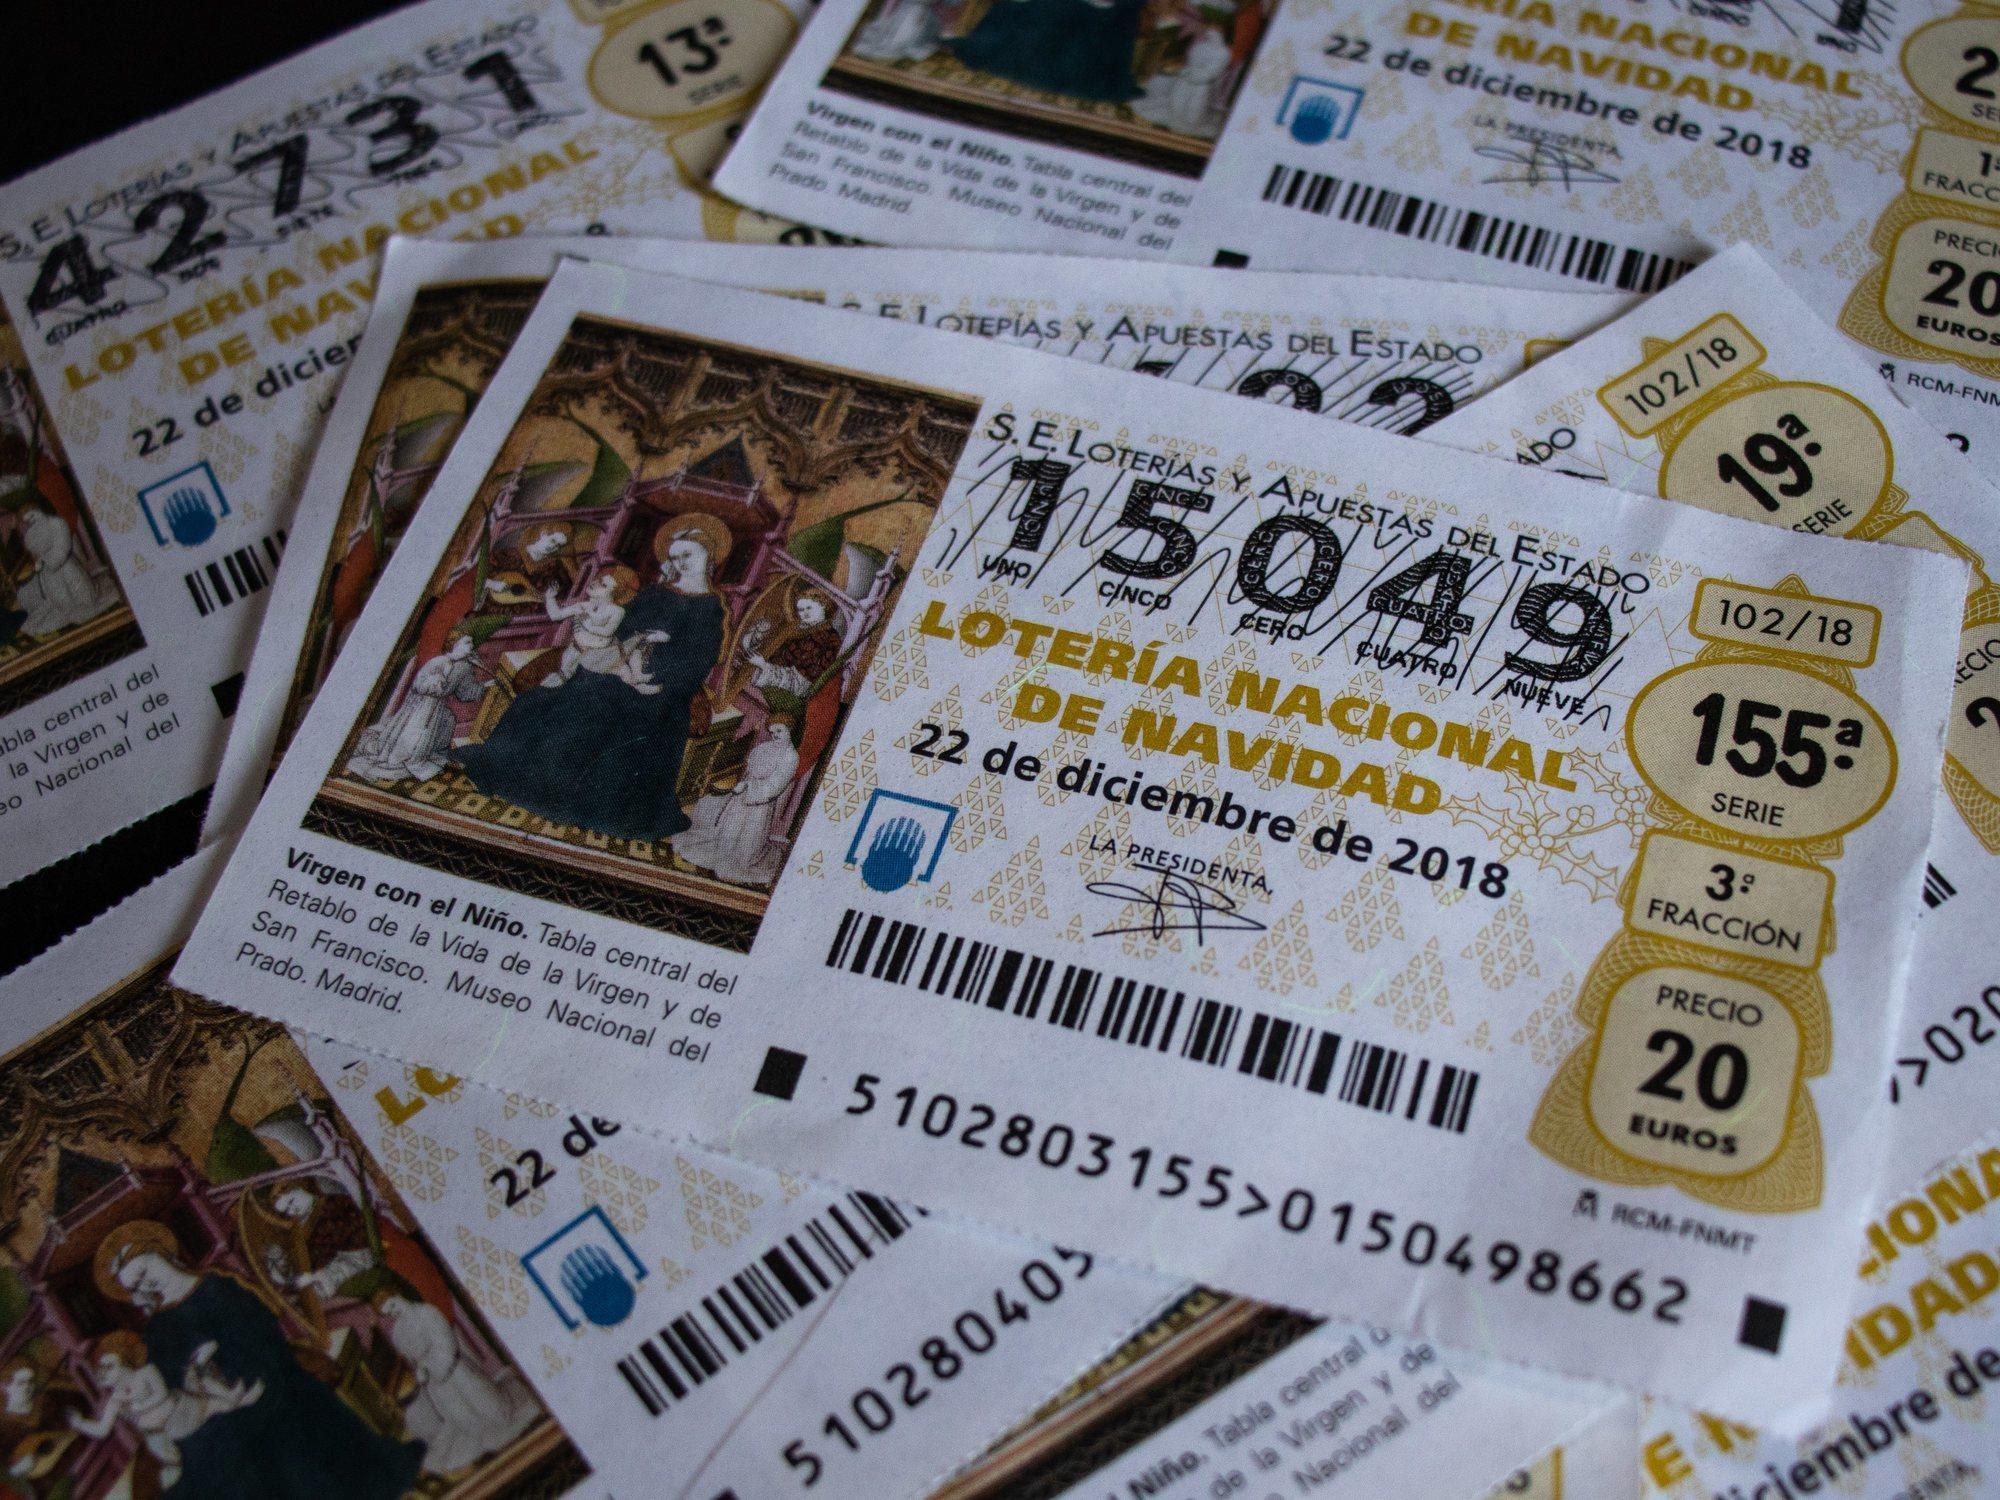 ¿Qué tienes que hacer si se repite el sorteo de la Lotería de Navidad?